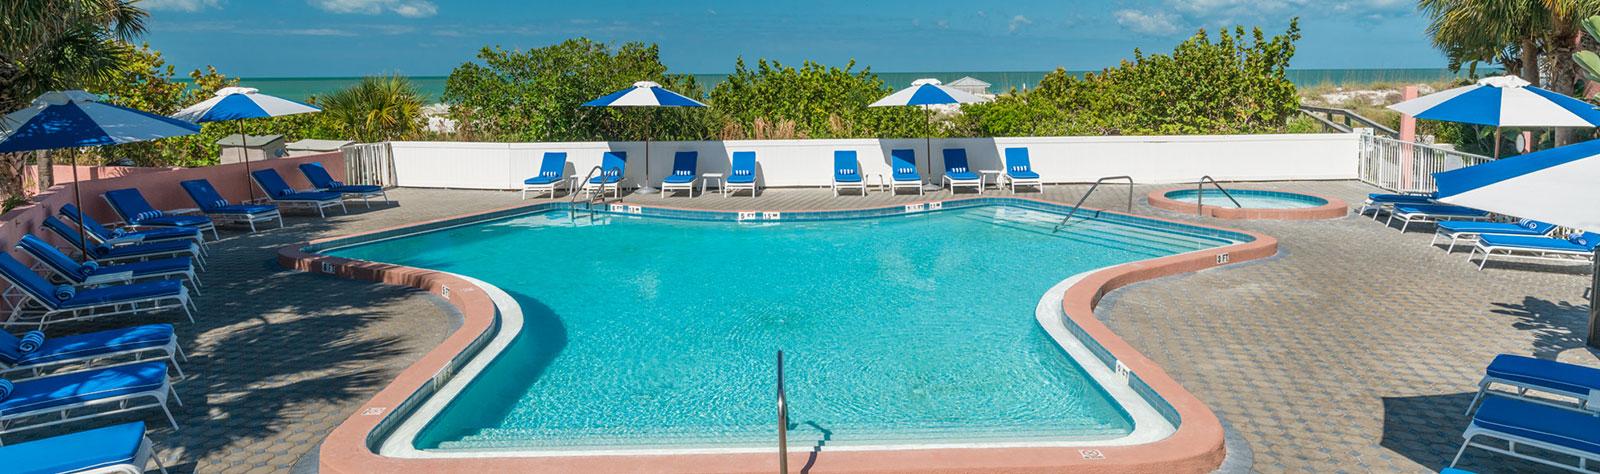 Water Activities in Florida Hotel